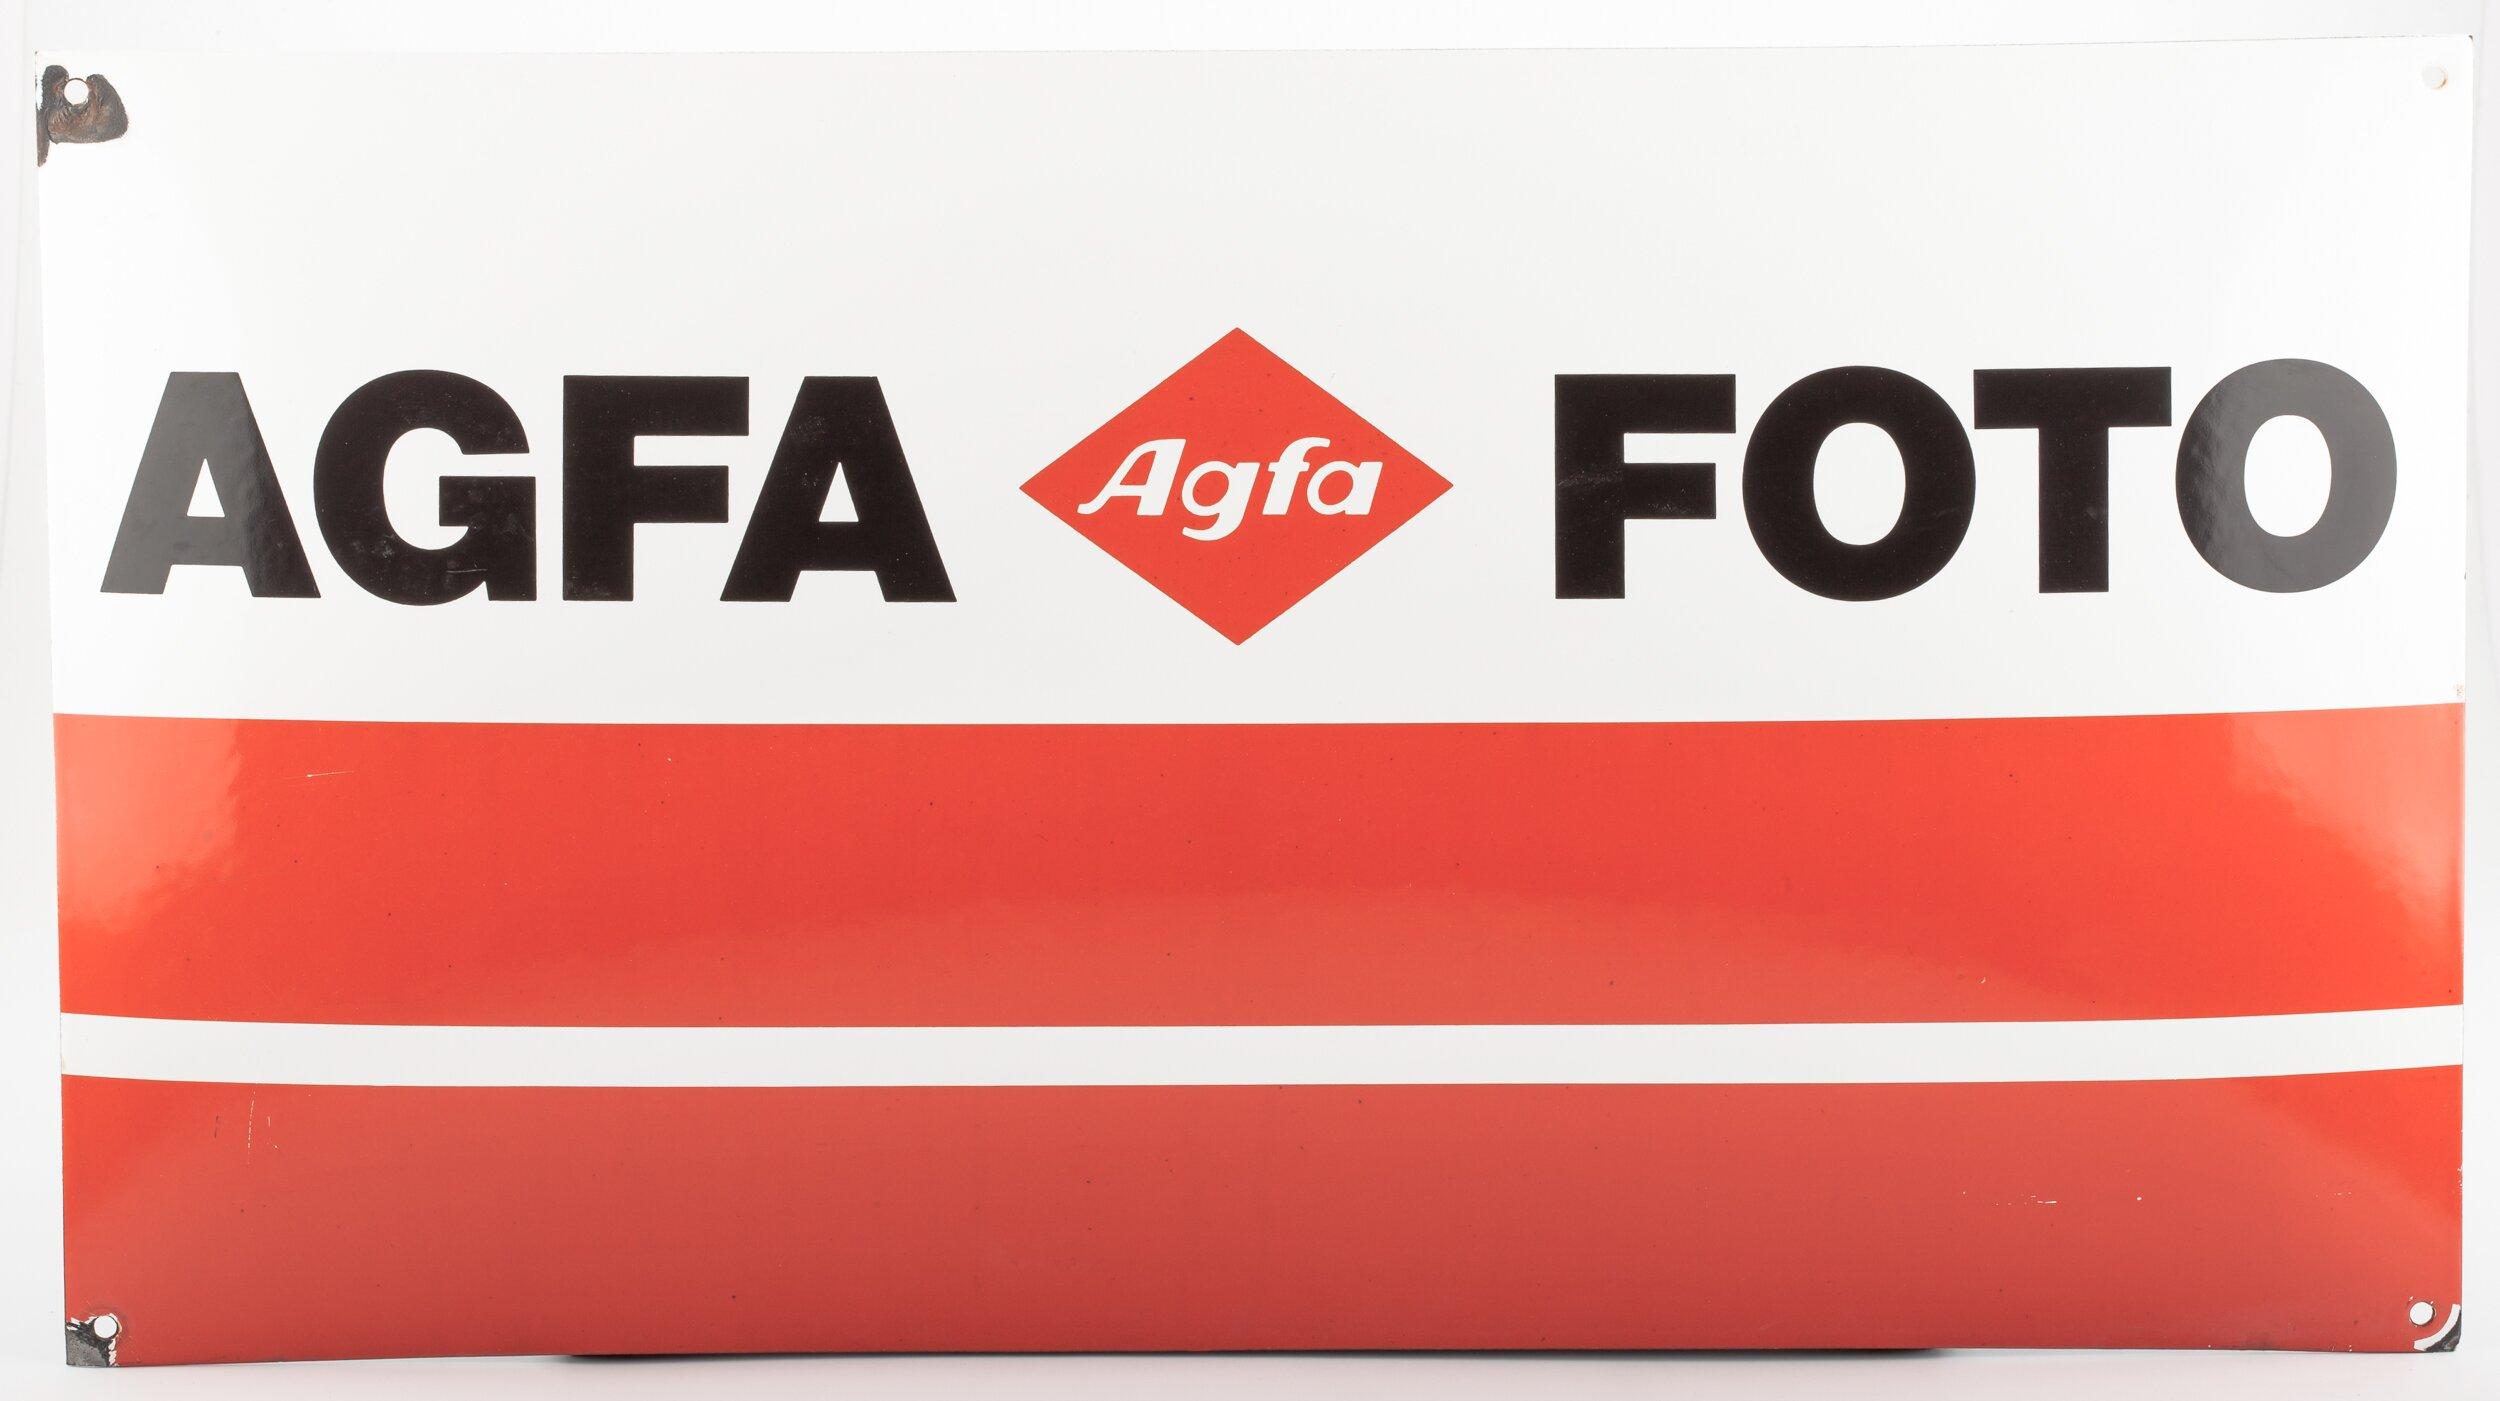 Agfa Werbeschild 60x33cm Blech/Email